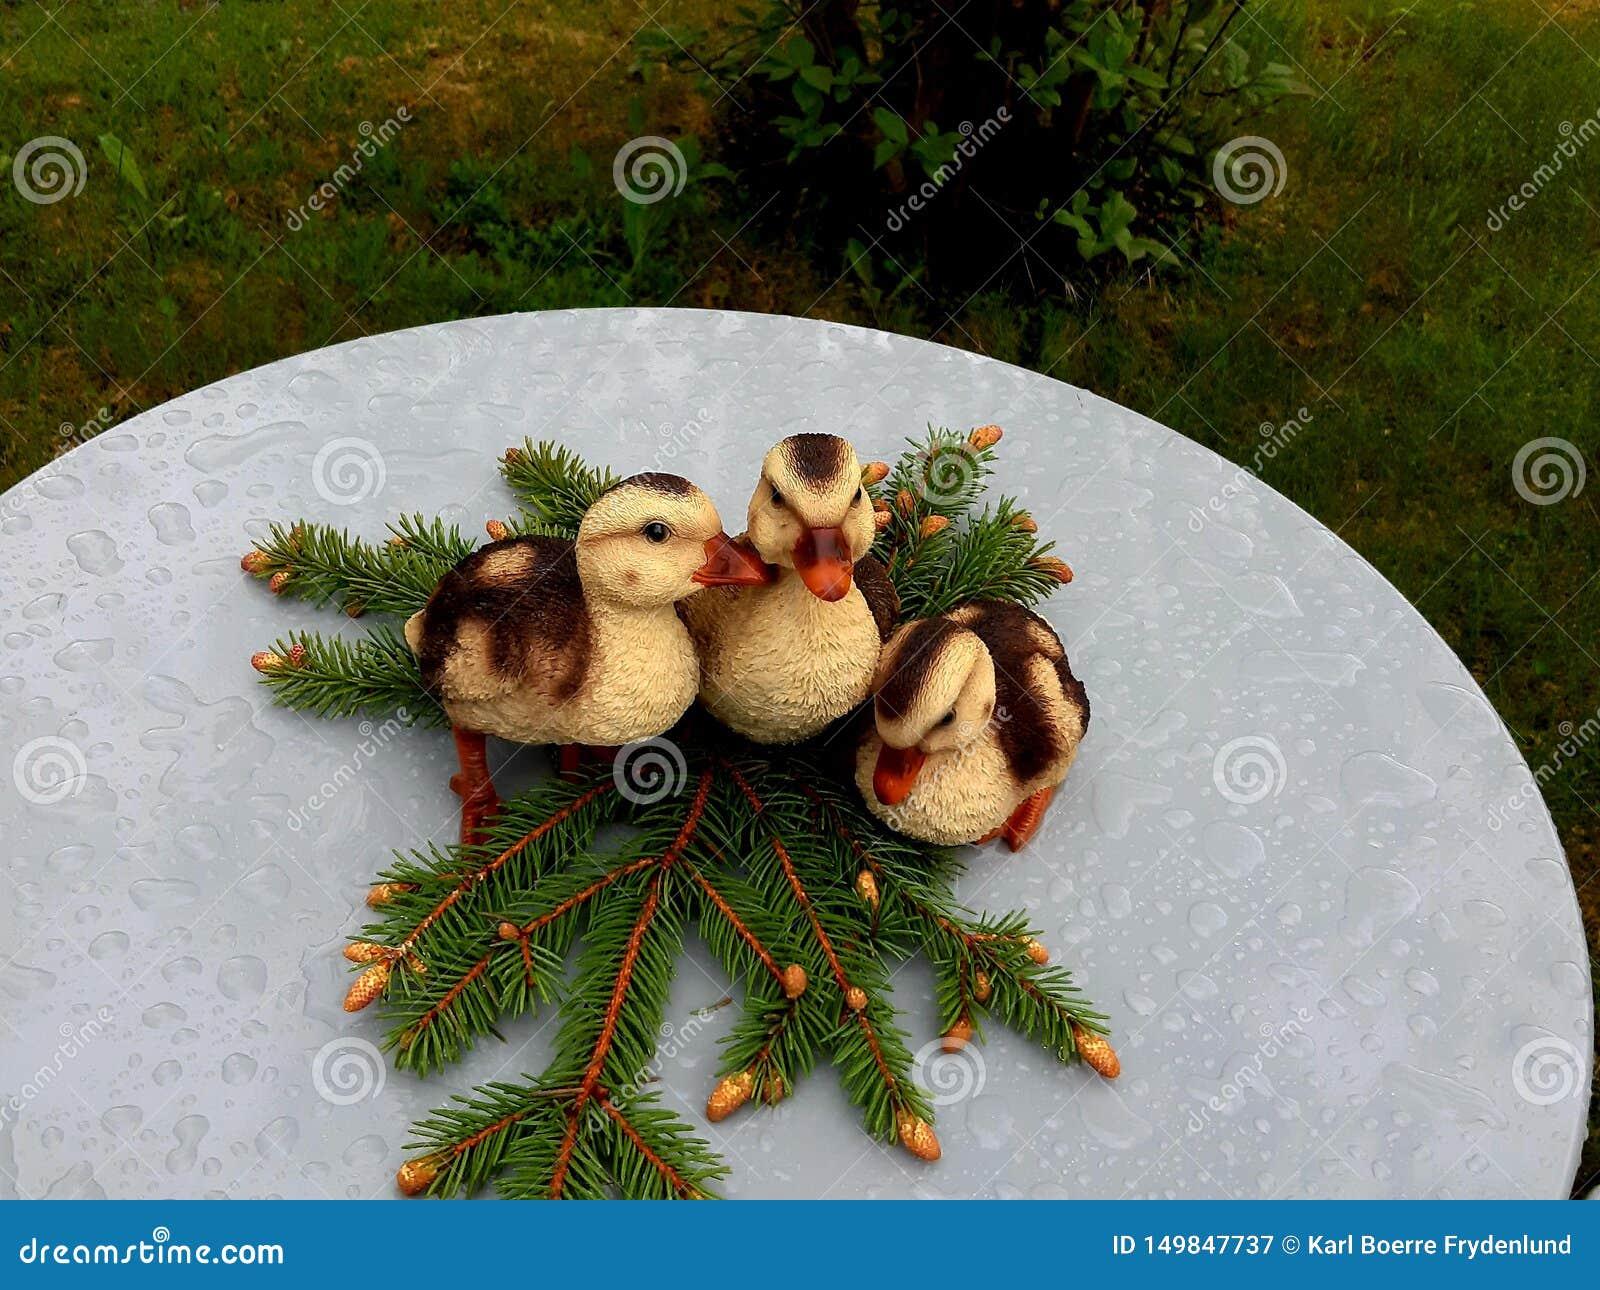 Trois petites extrémités comme décoration sur une table de jardin